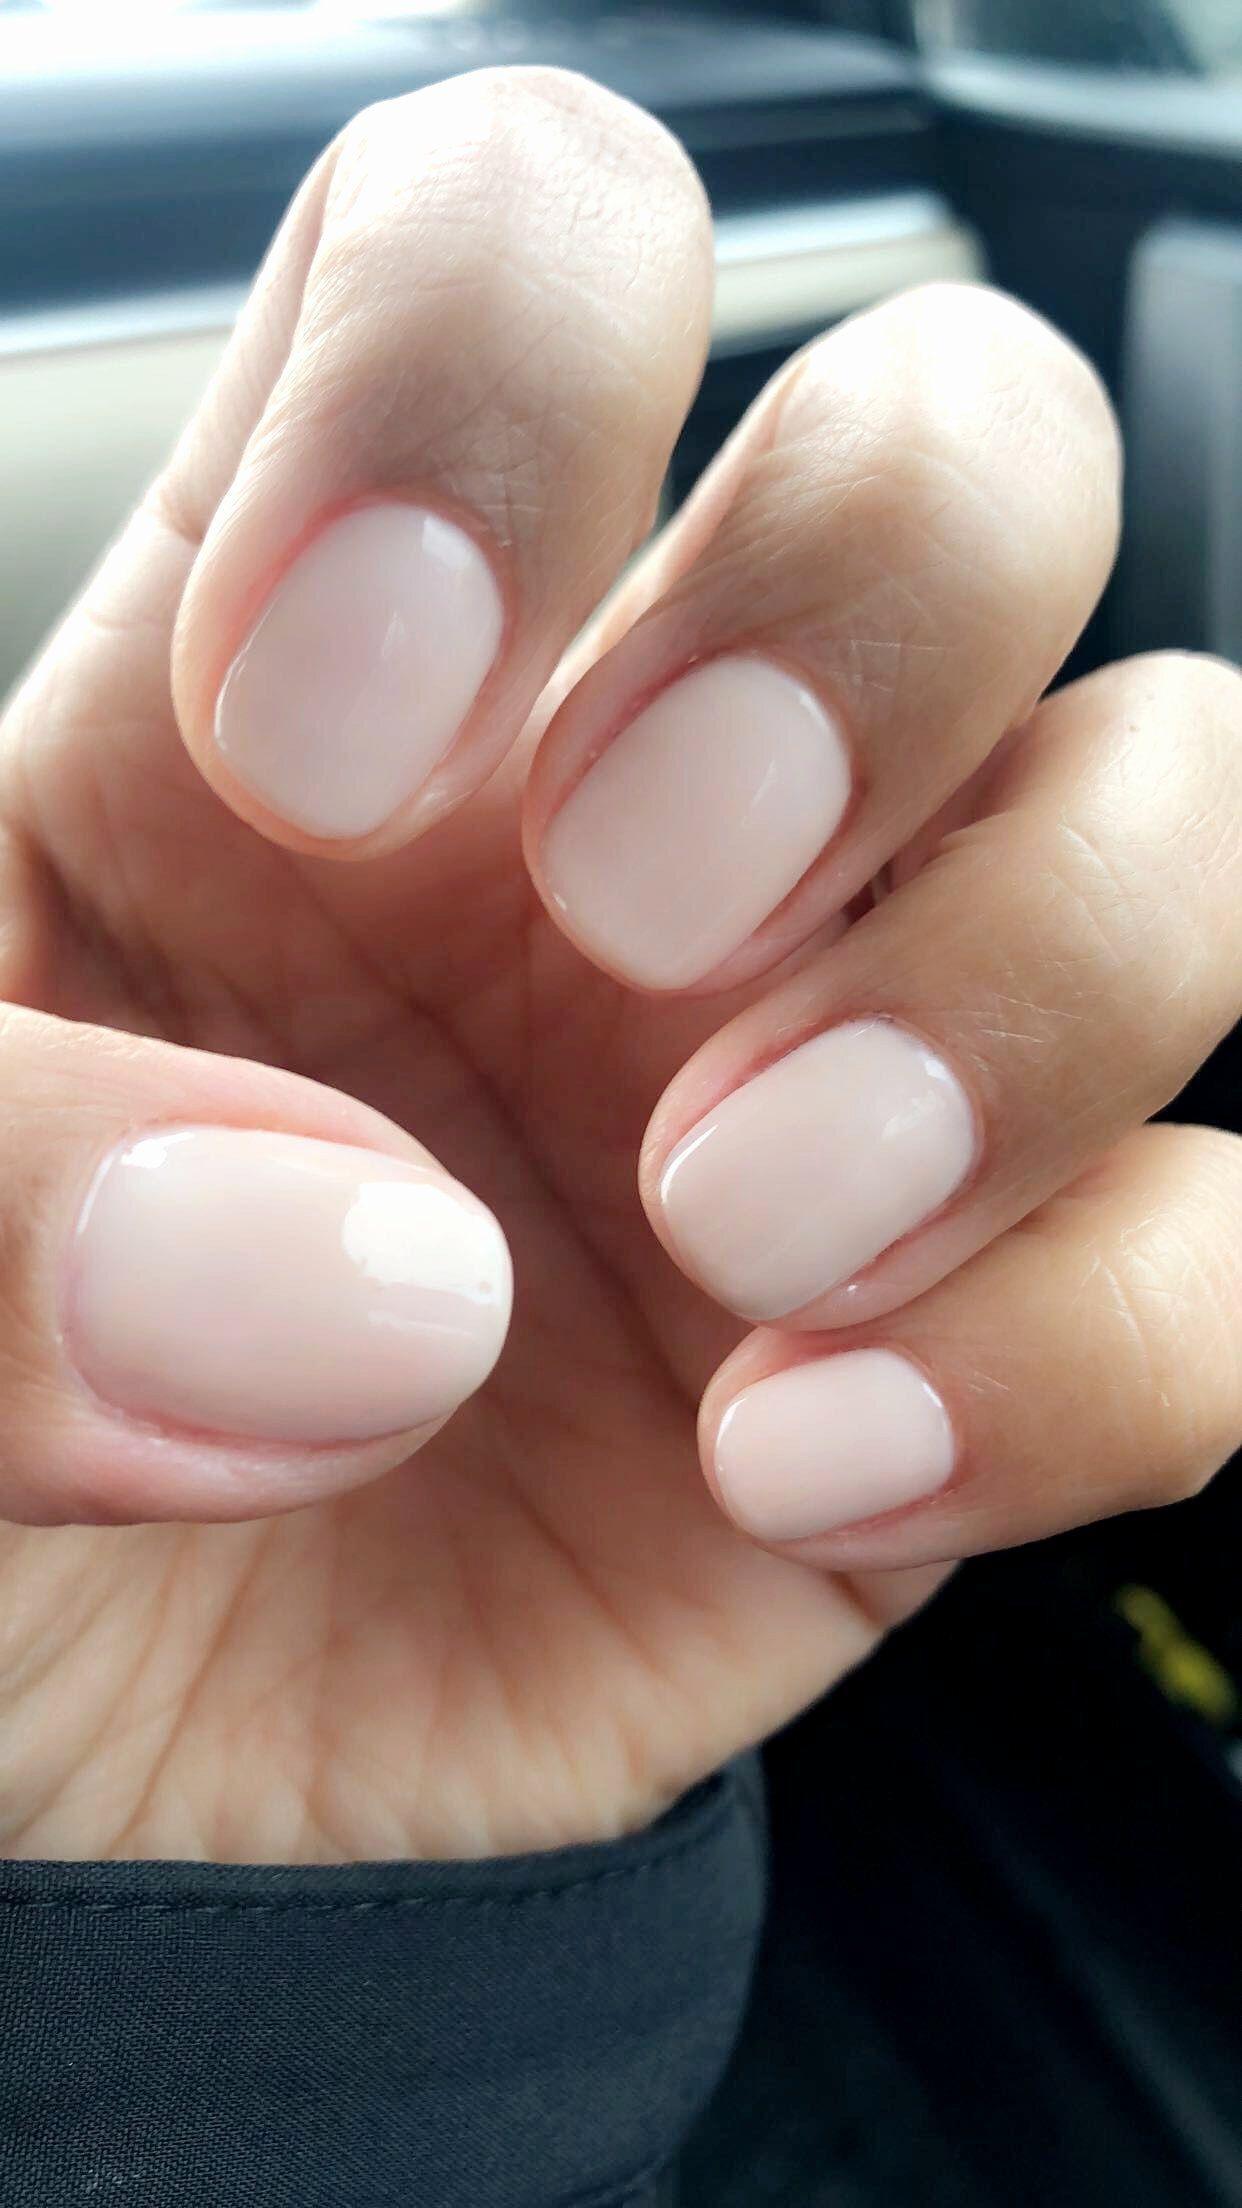 Natural Gel Nail Polish New Natural Nails Opi Gel Polish Funny Bunny Bunny Funny Gel Nail Nails N In 2020 White Gel Nails Natural Gel Nails Best White Nail Polish